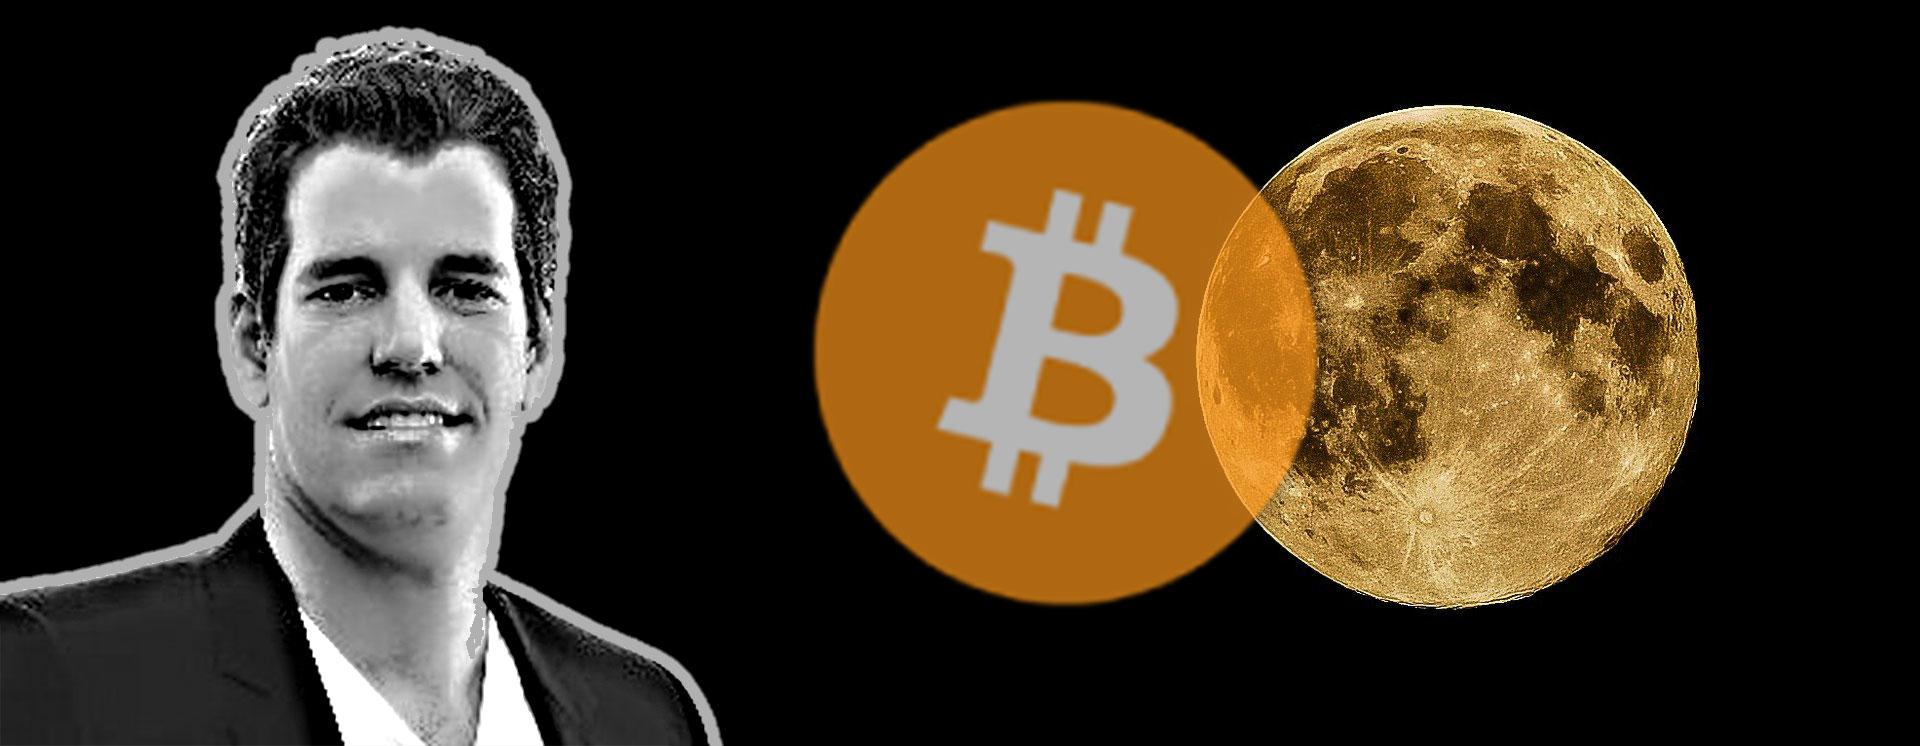 ウィンクルボス兄弟の兄タイラー氏「次のビットコインの目的地はMoon(月)」と発言!